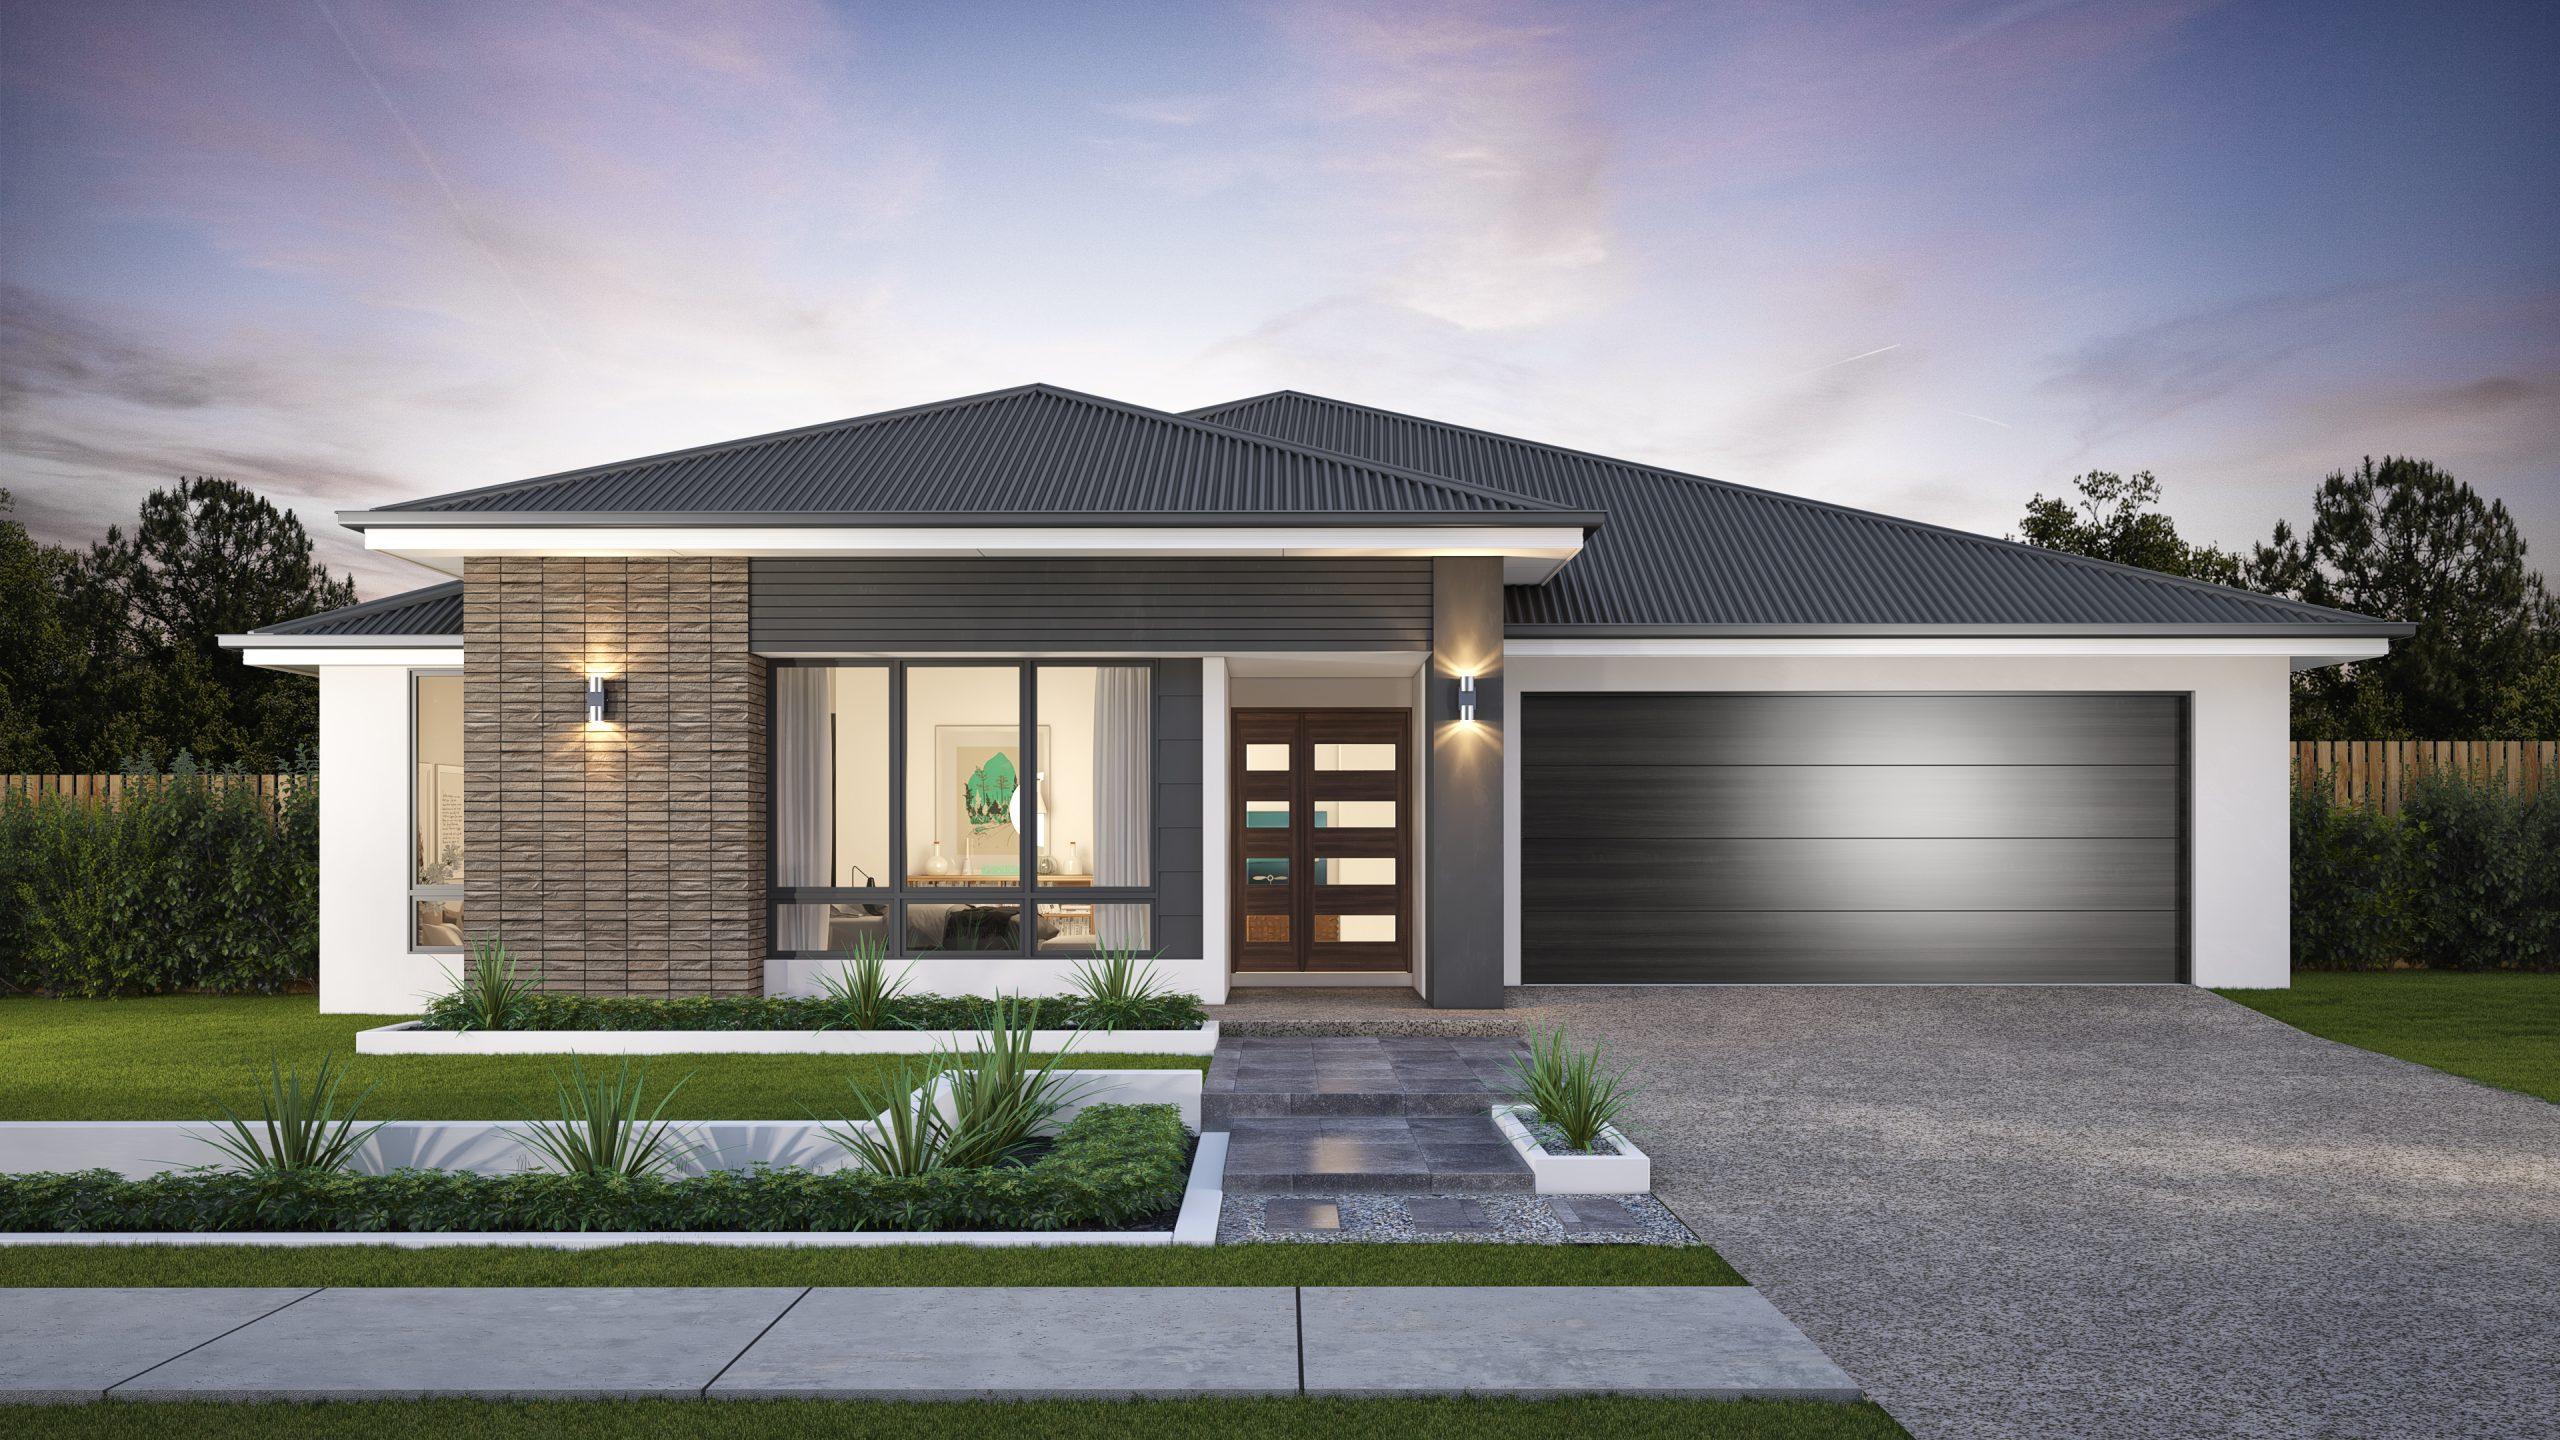 Preferred Homes' build